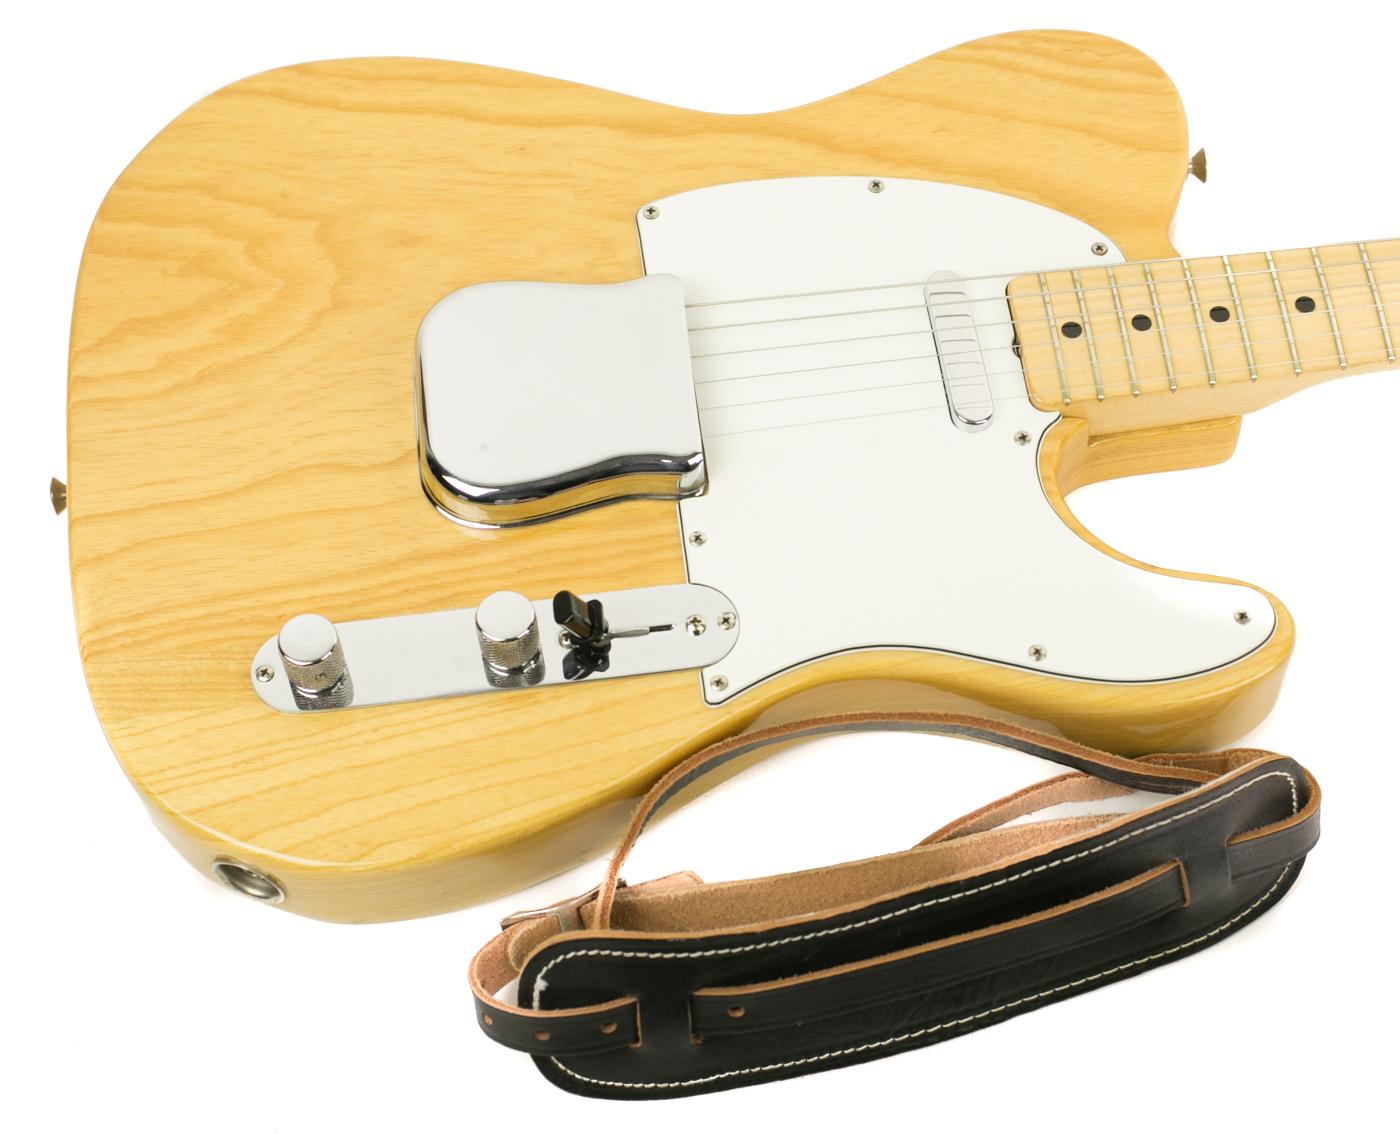 1972 Fender Telecaster detail 1